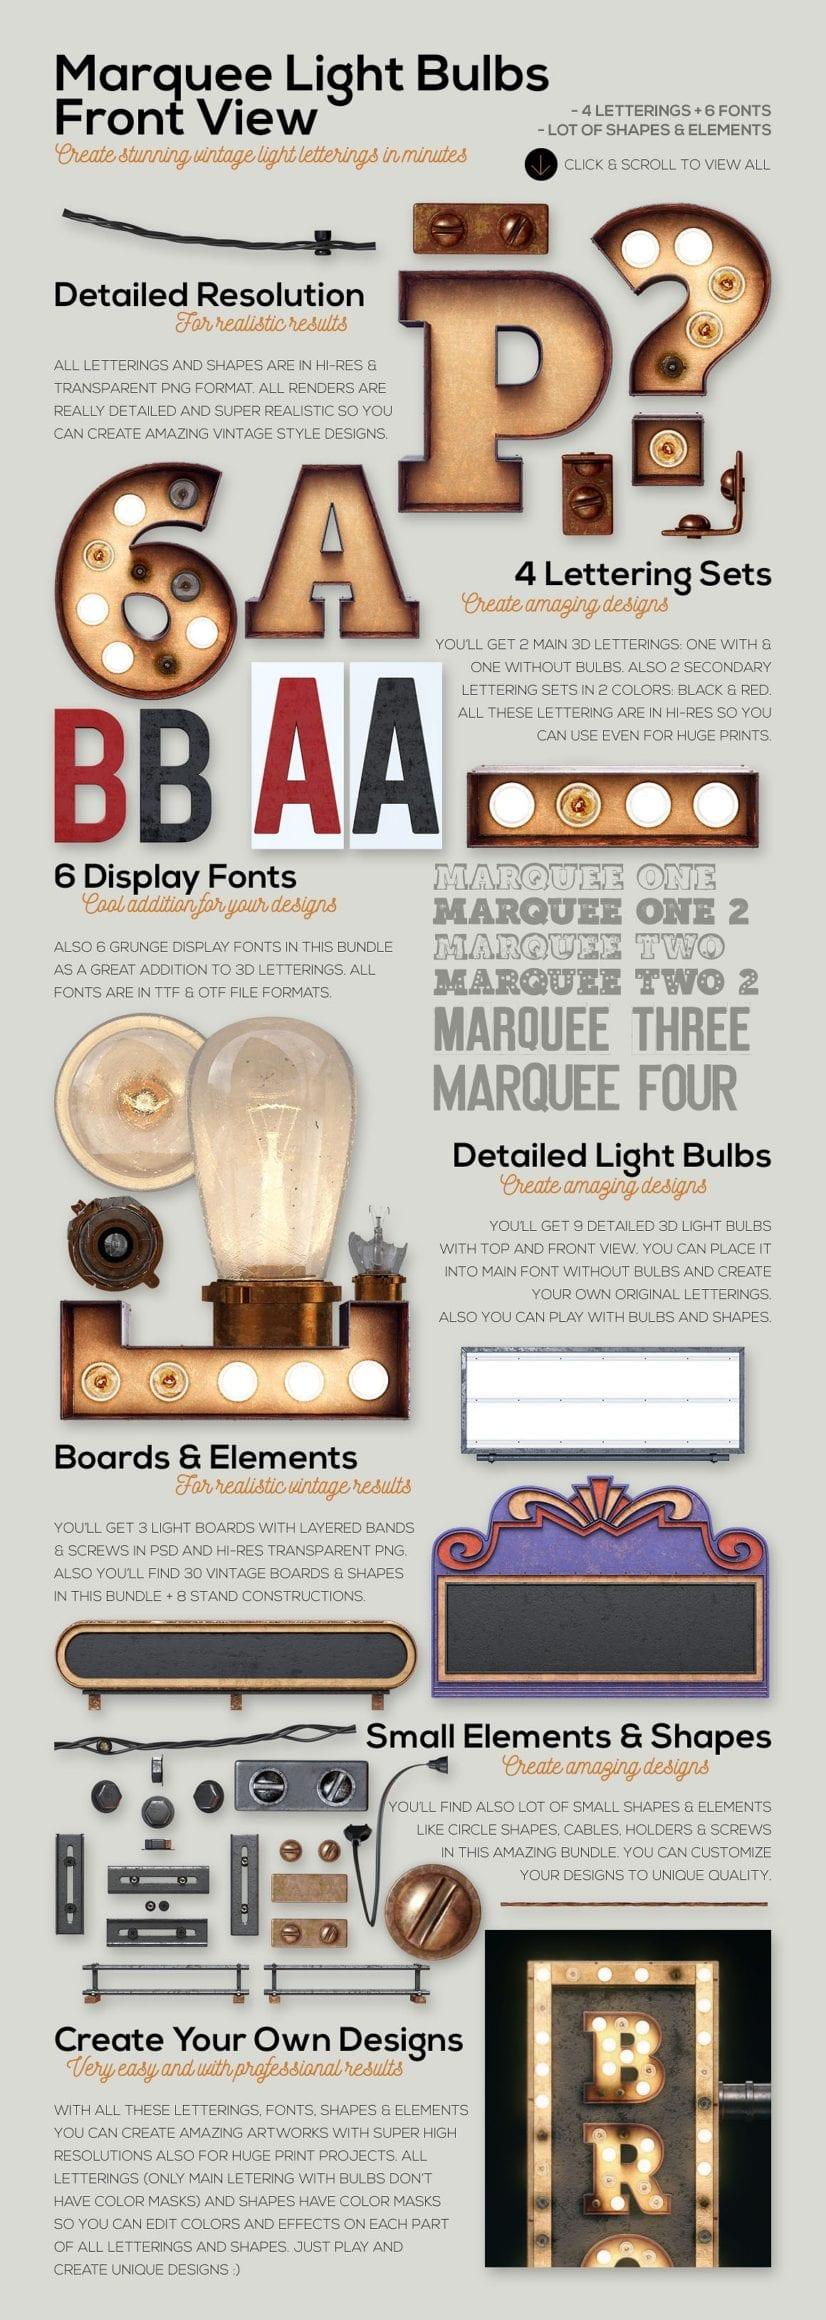 marqueelightbulbsfrontview02  - Efekt Vintage 3D svetených panelov za 19 dolárov!